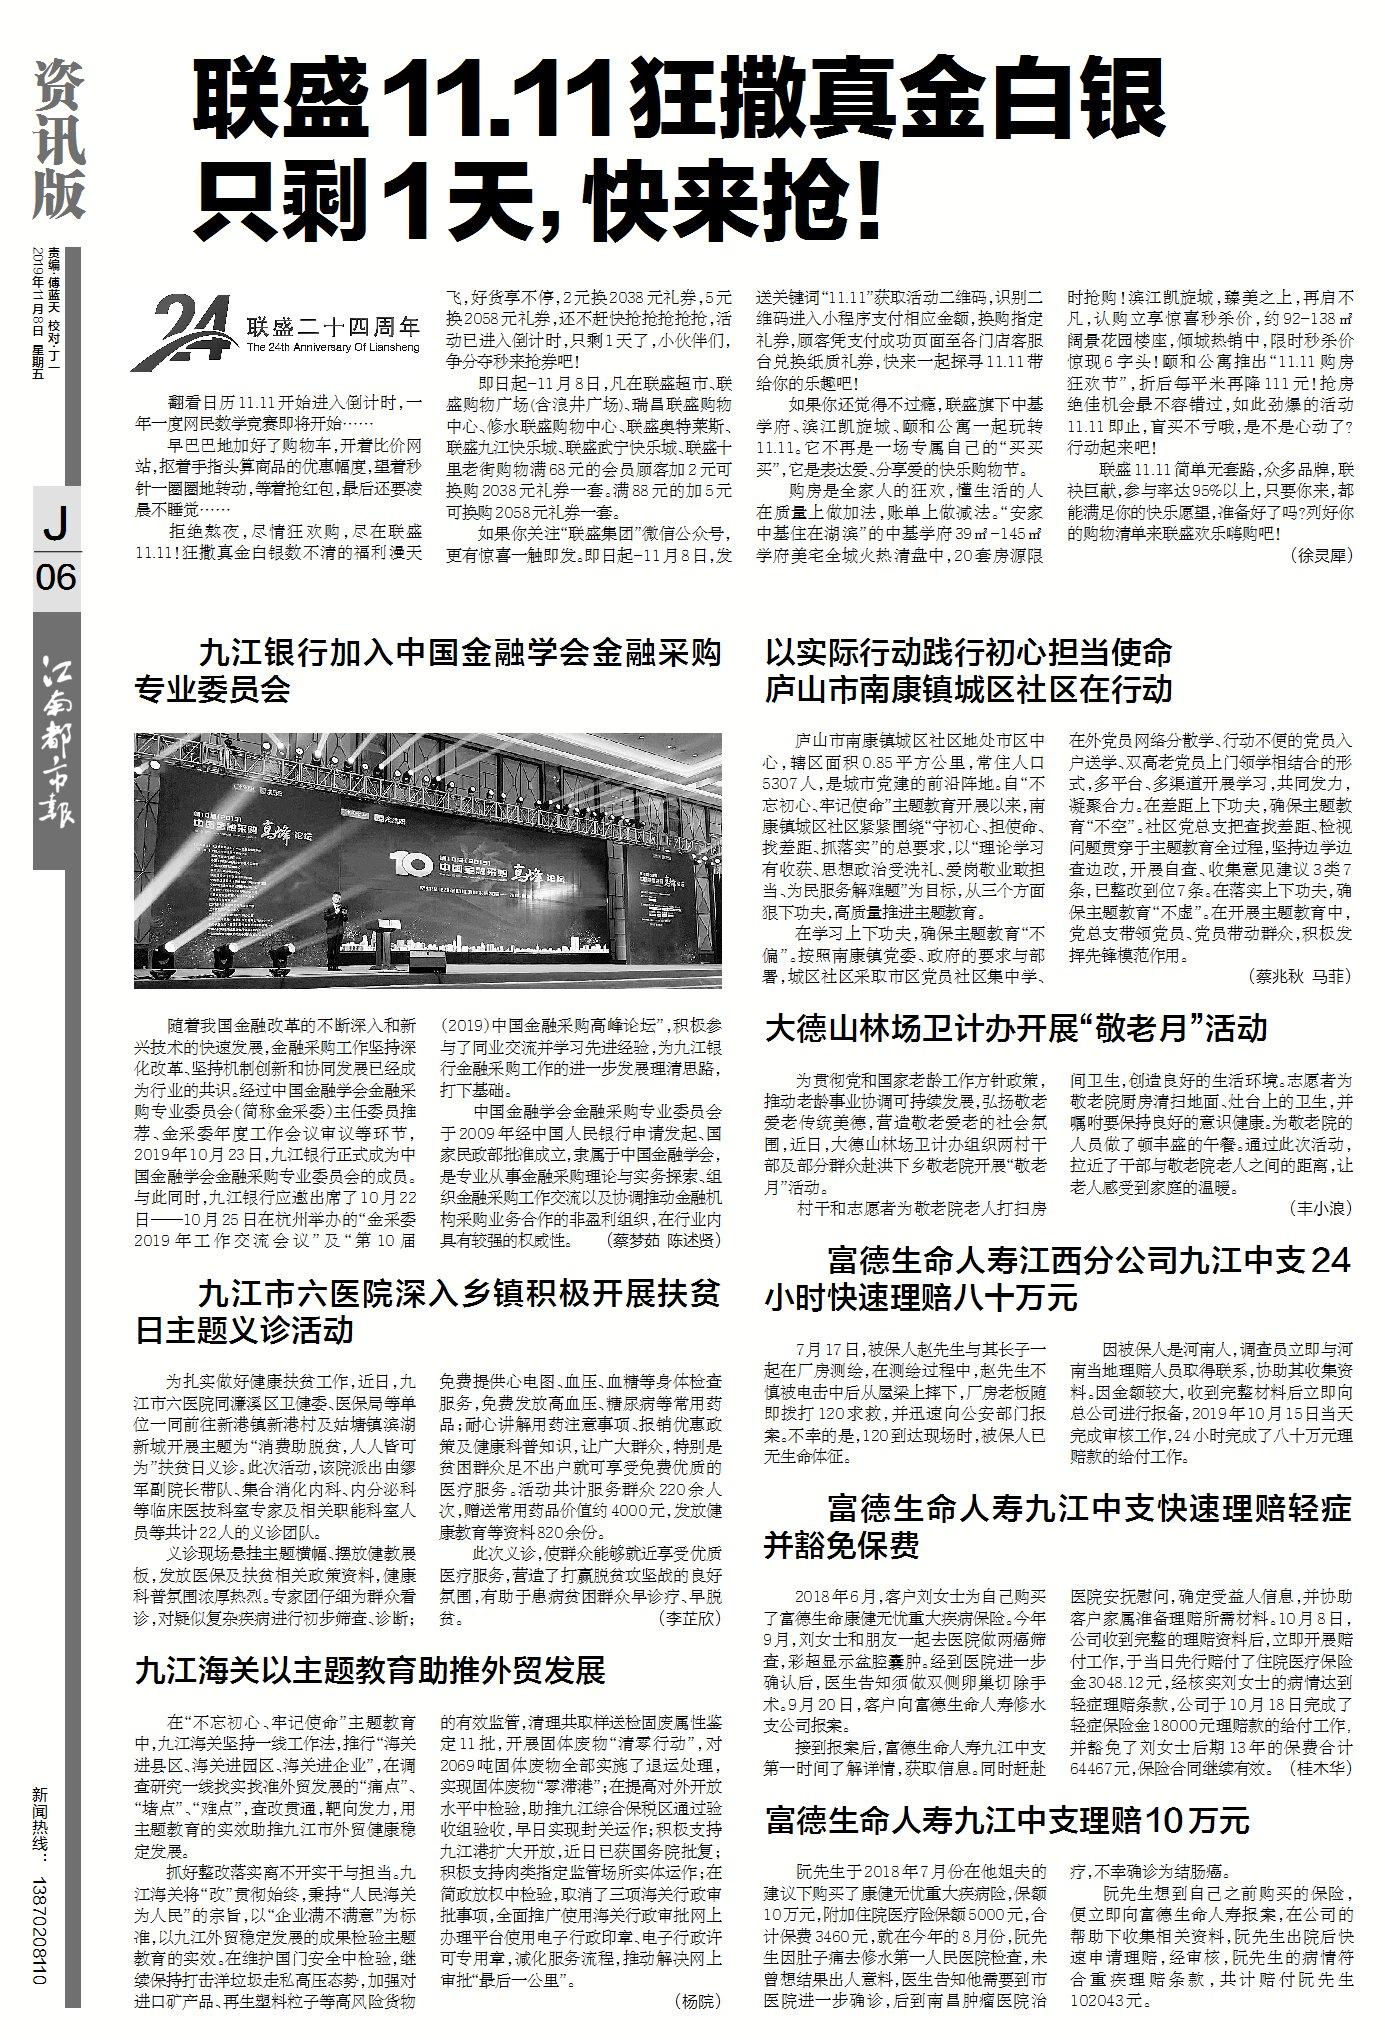 2019年11月8日江南都市报《亚博体育app苹果新闻》6版